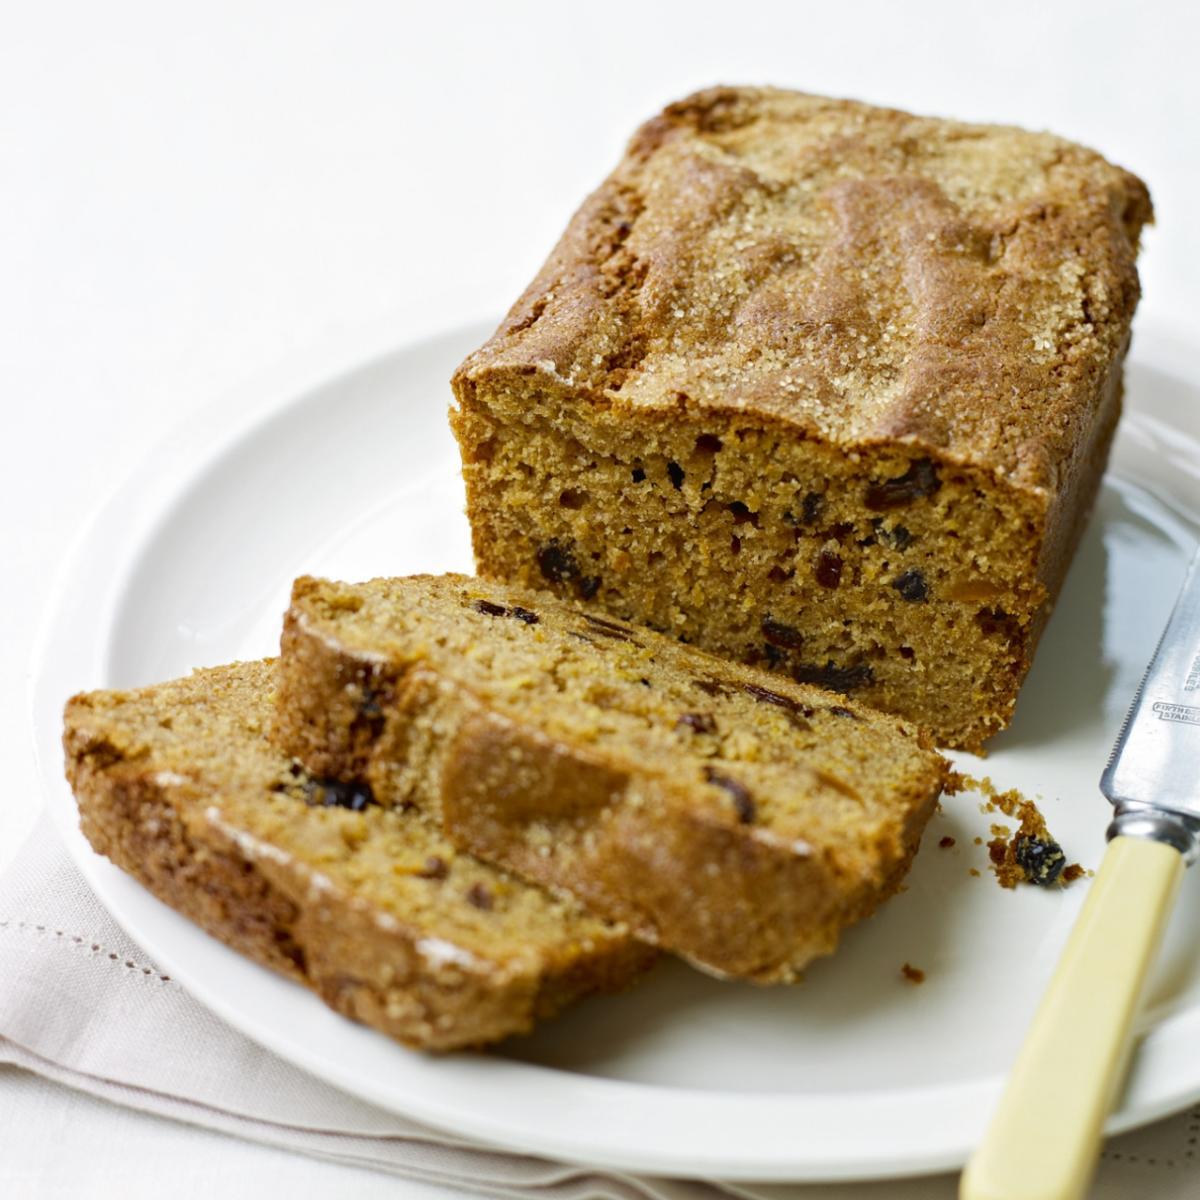 A picture of Delia's Marmalade Cake recipe